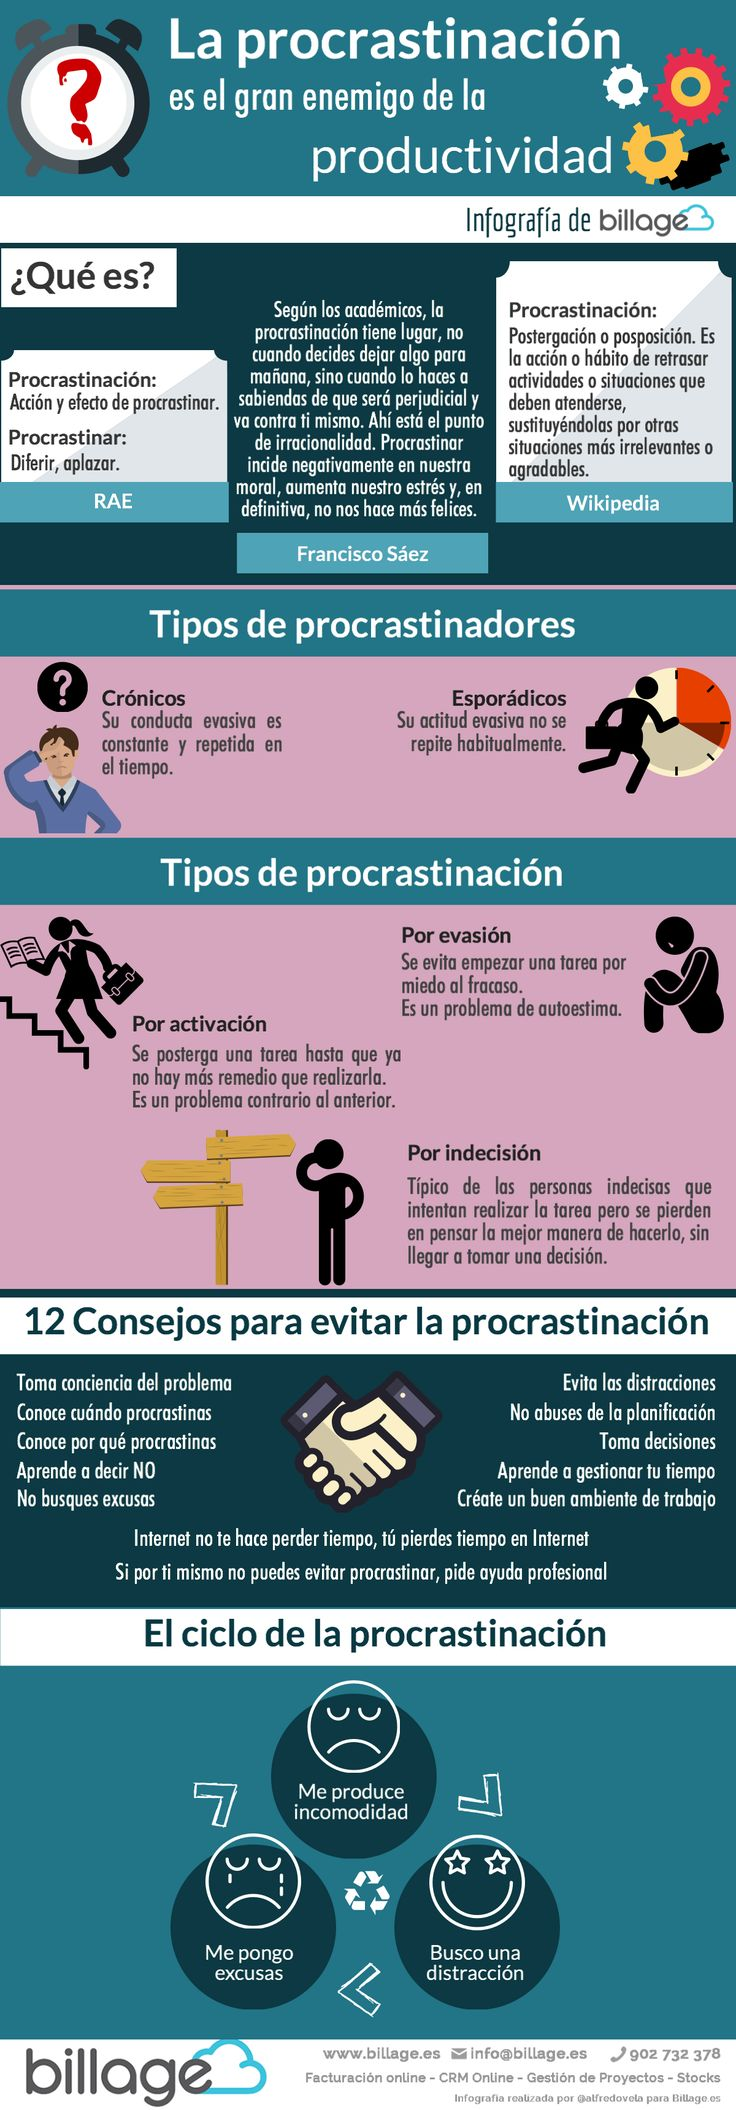 Procrastinación: el gran enemigo de la Productividad #infografía #infographic #productividad